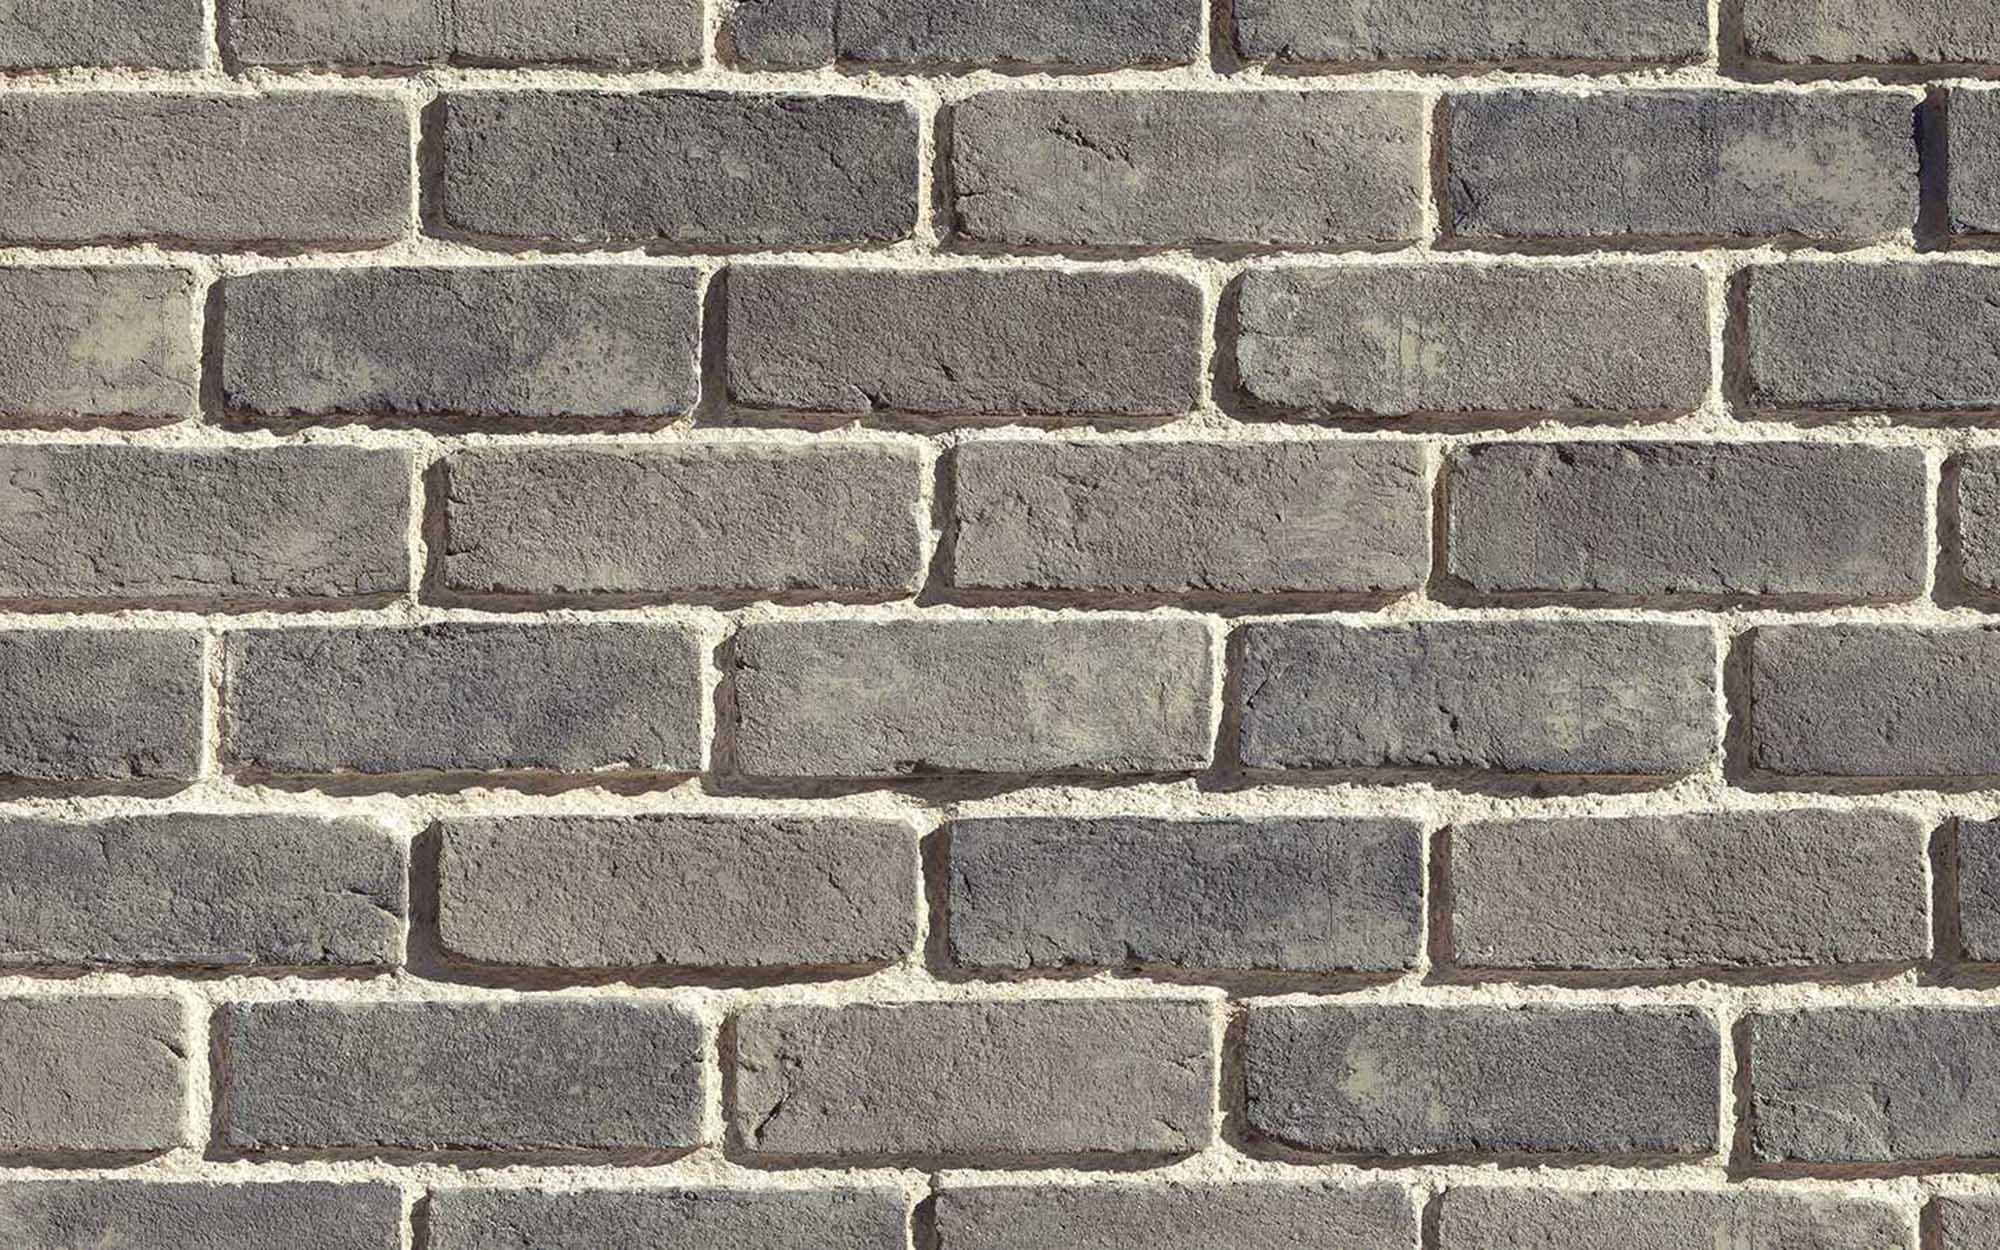 Tundra Brick